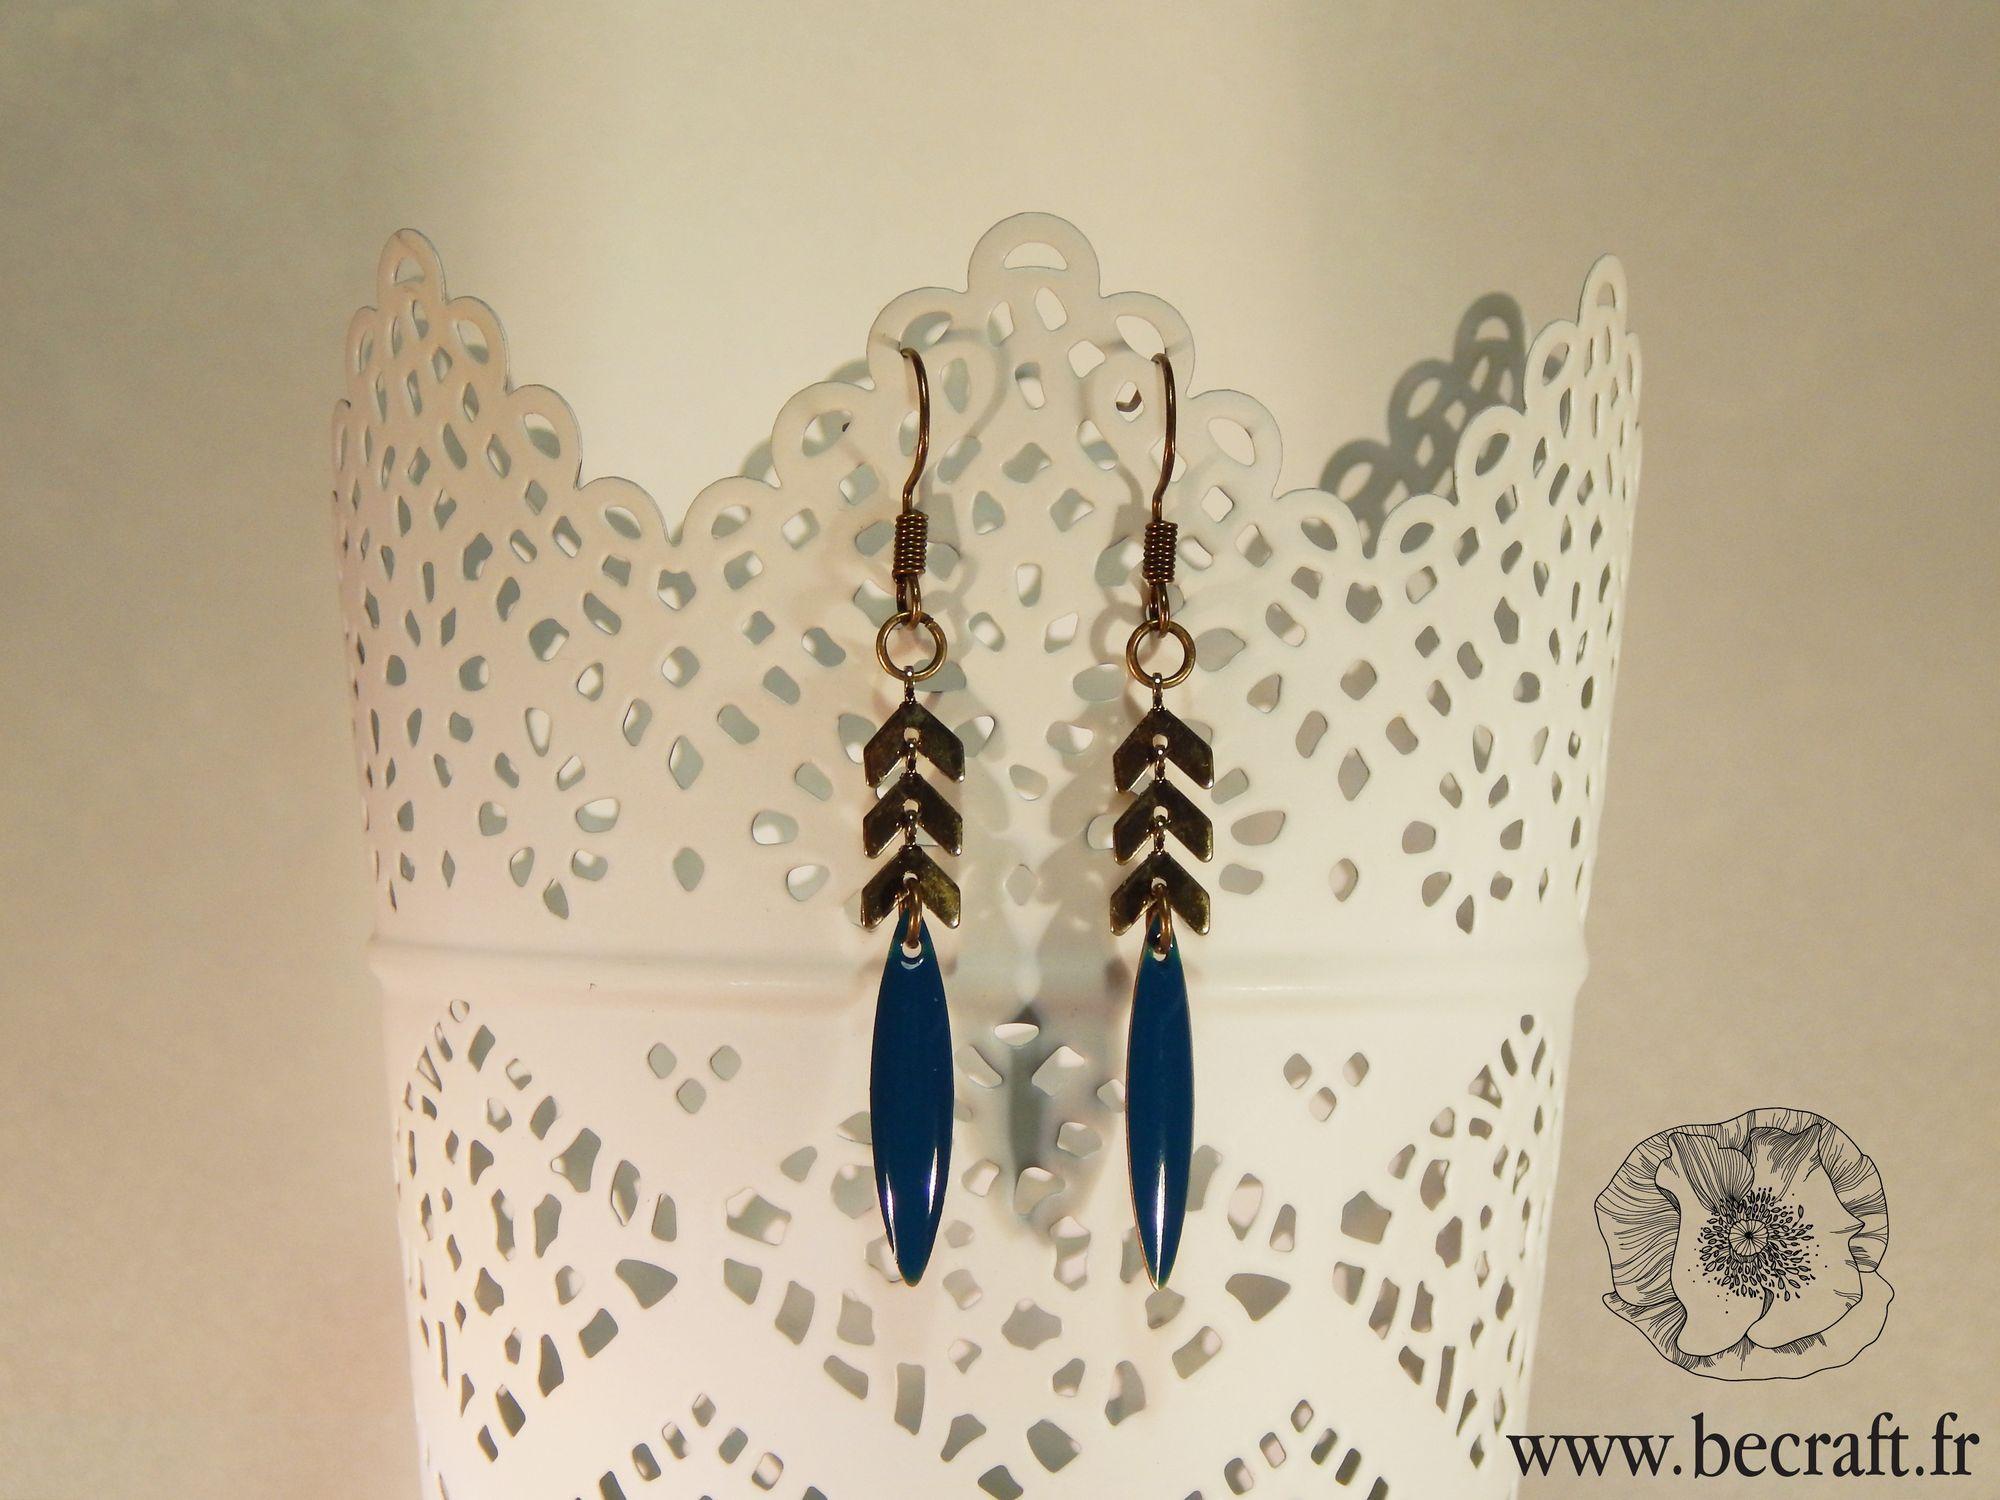 https://www.facebook.com/BeCraft79/?fref=ts Boucles d'oreilles de couleur bronze avec chaîne épi et sequin métal émaillé bleu canard. Longueur : 5,6cm Vendues avec des embouts en silicone - Sans nickel référence : 1478